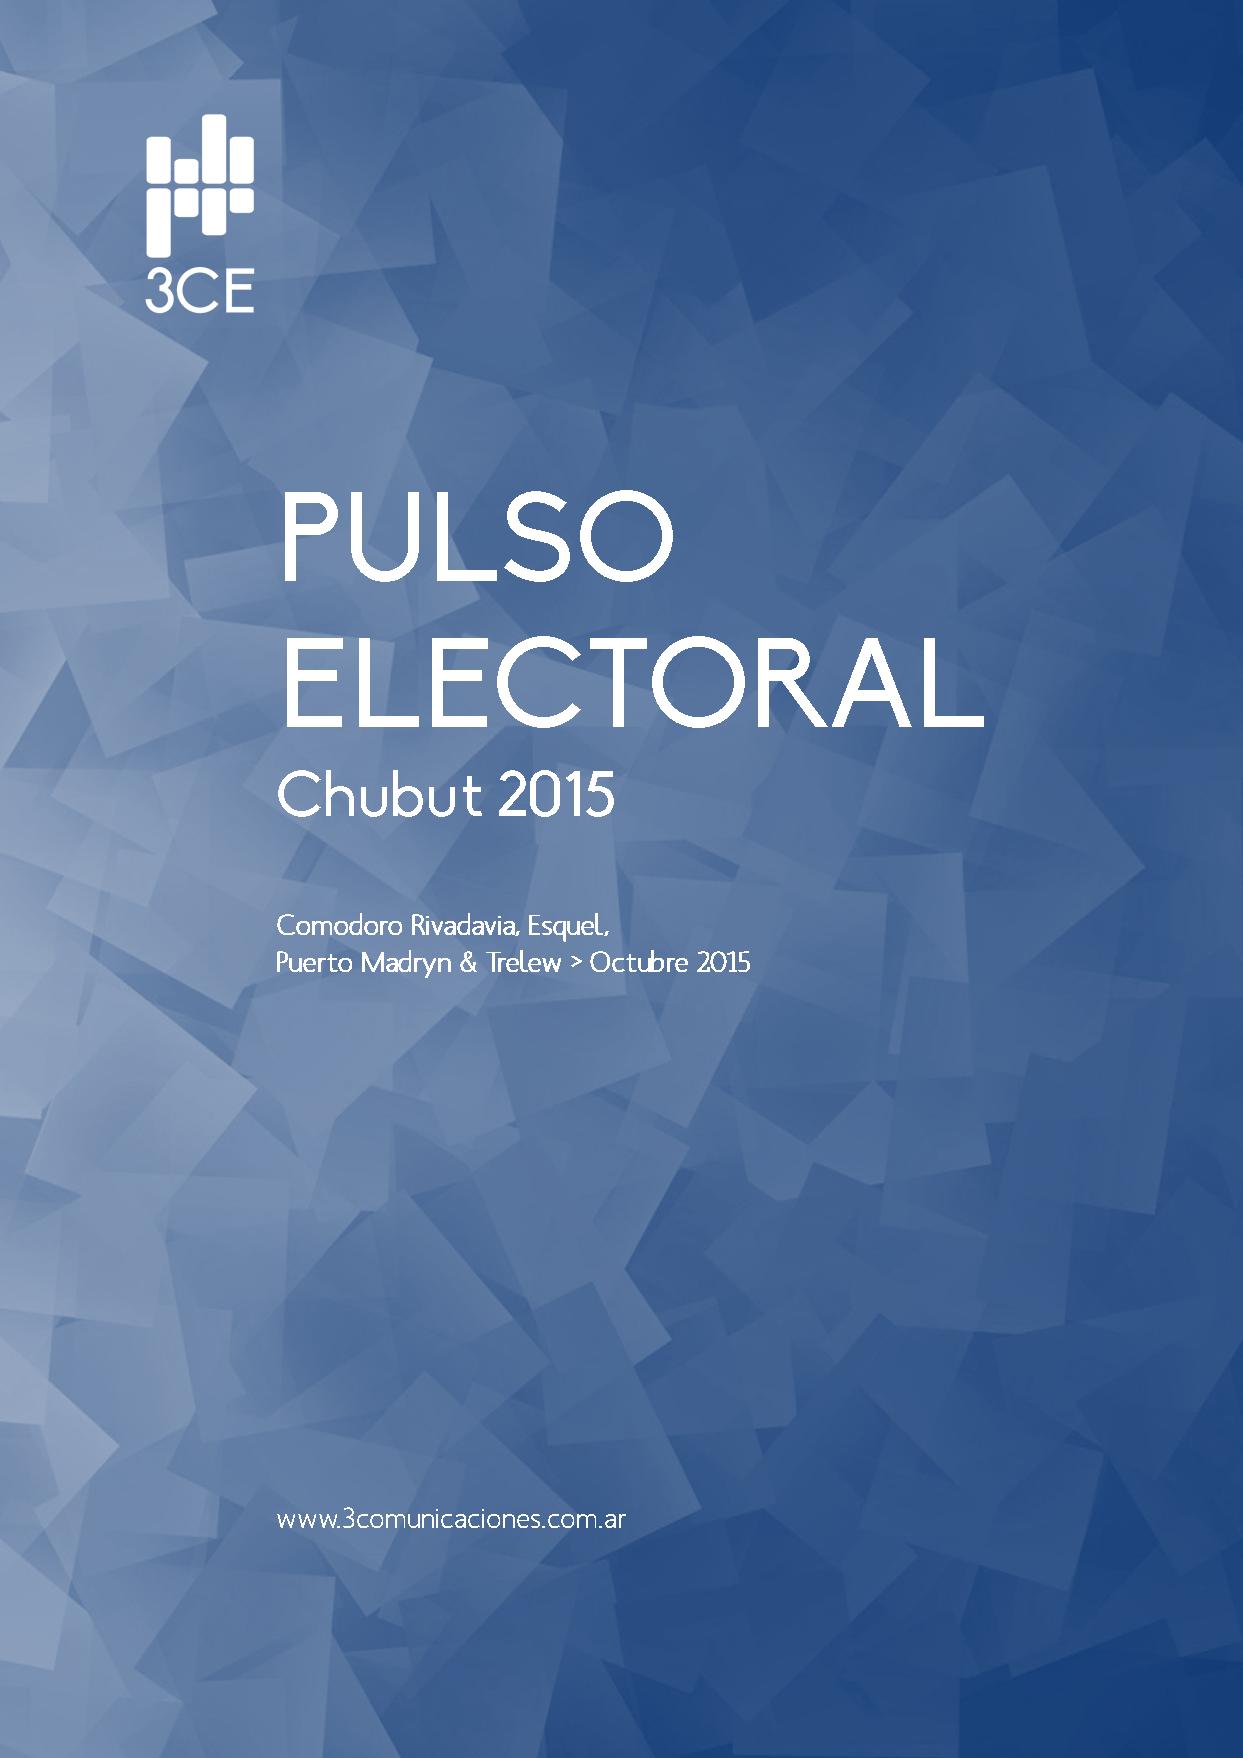 Pulso Electoral